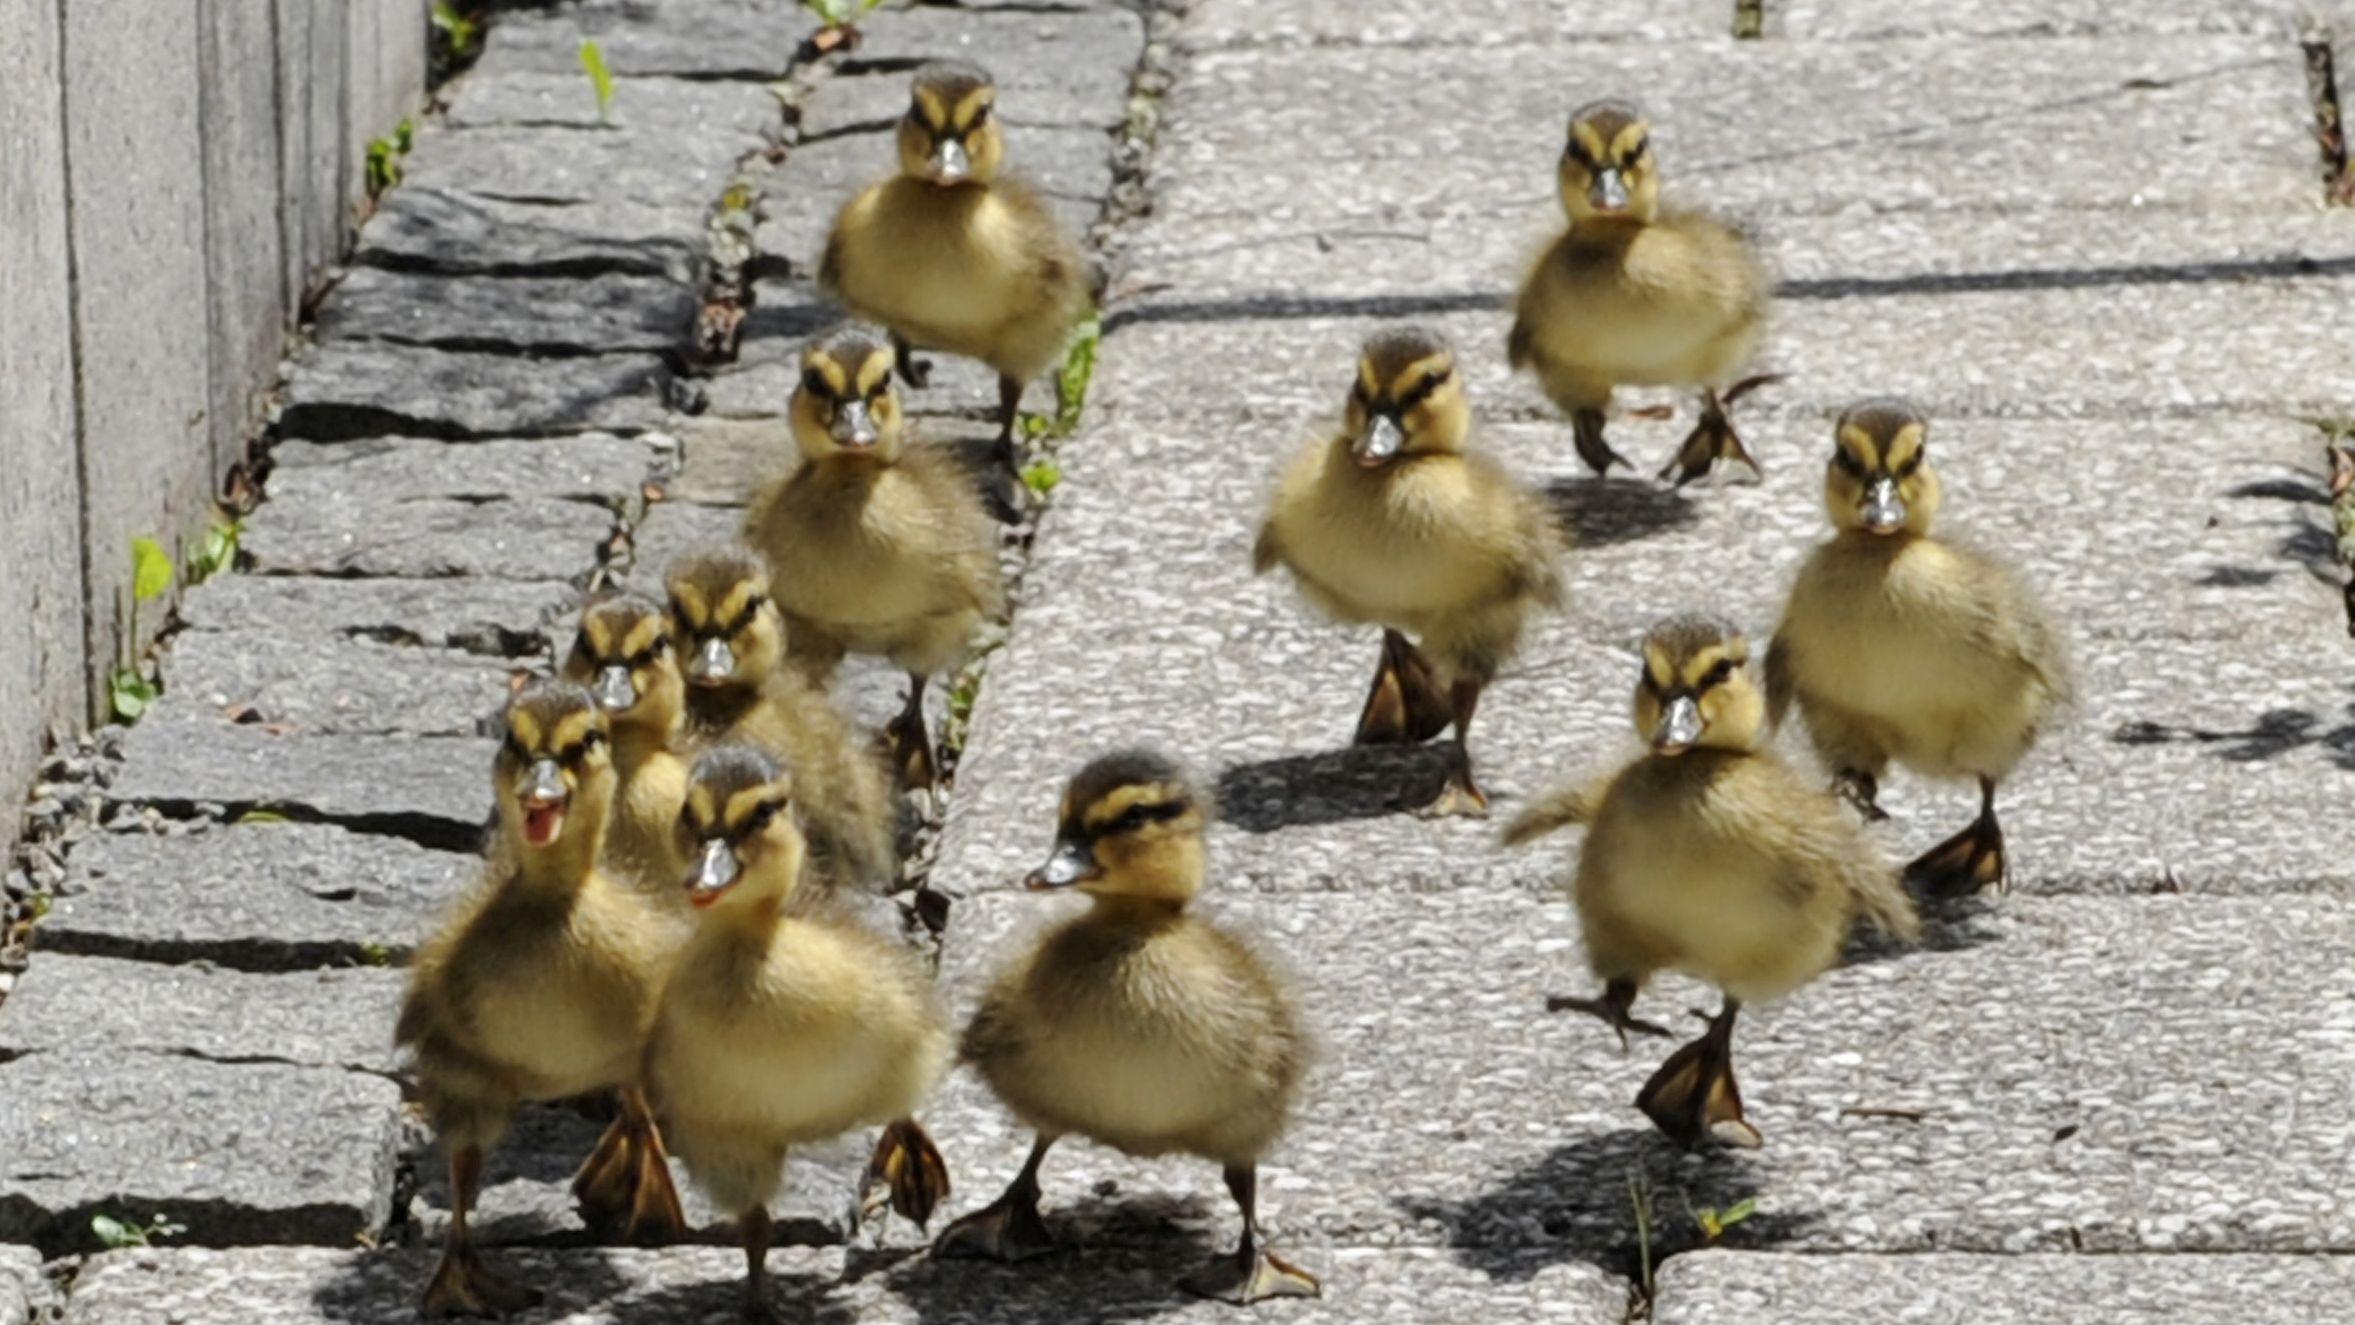 9-köpfige Entenfamilie auf der Straße.